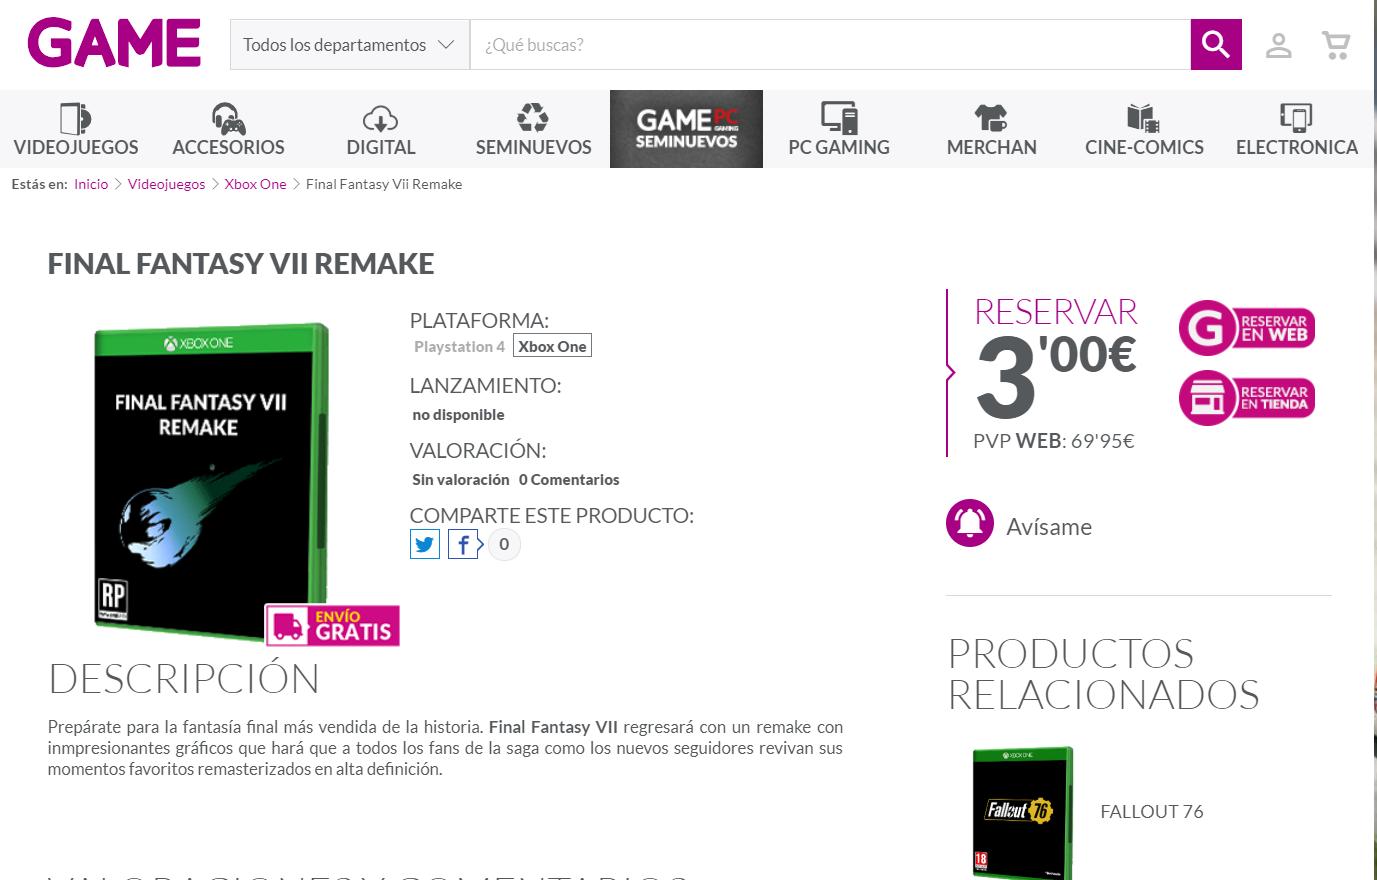 Final Fantasy VII Remake para Xbox One aparece en otra tienda 2